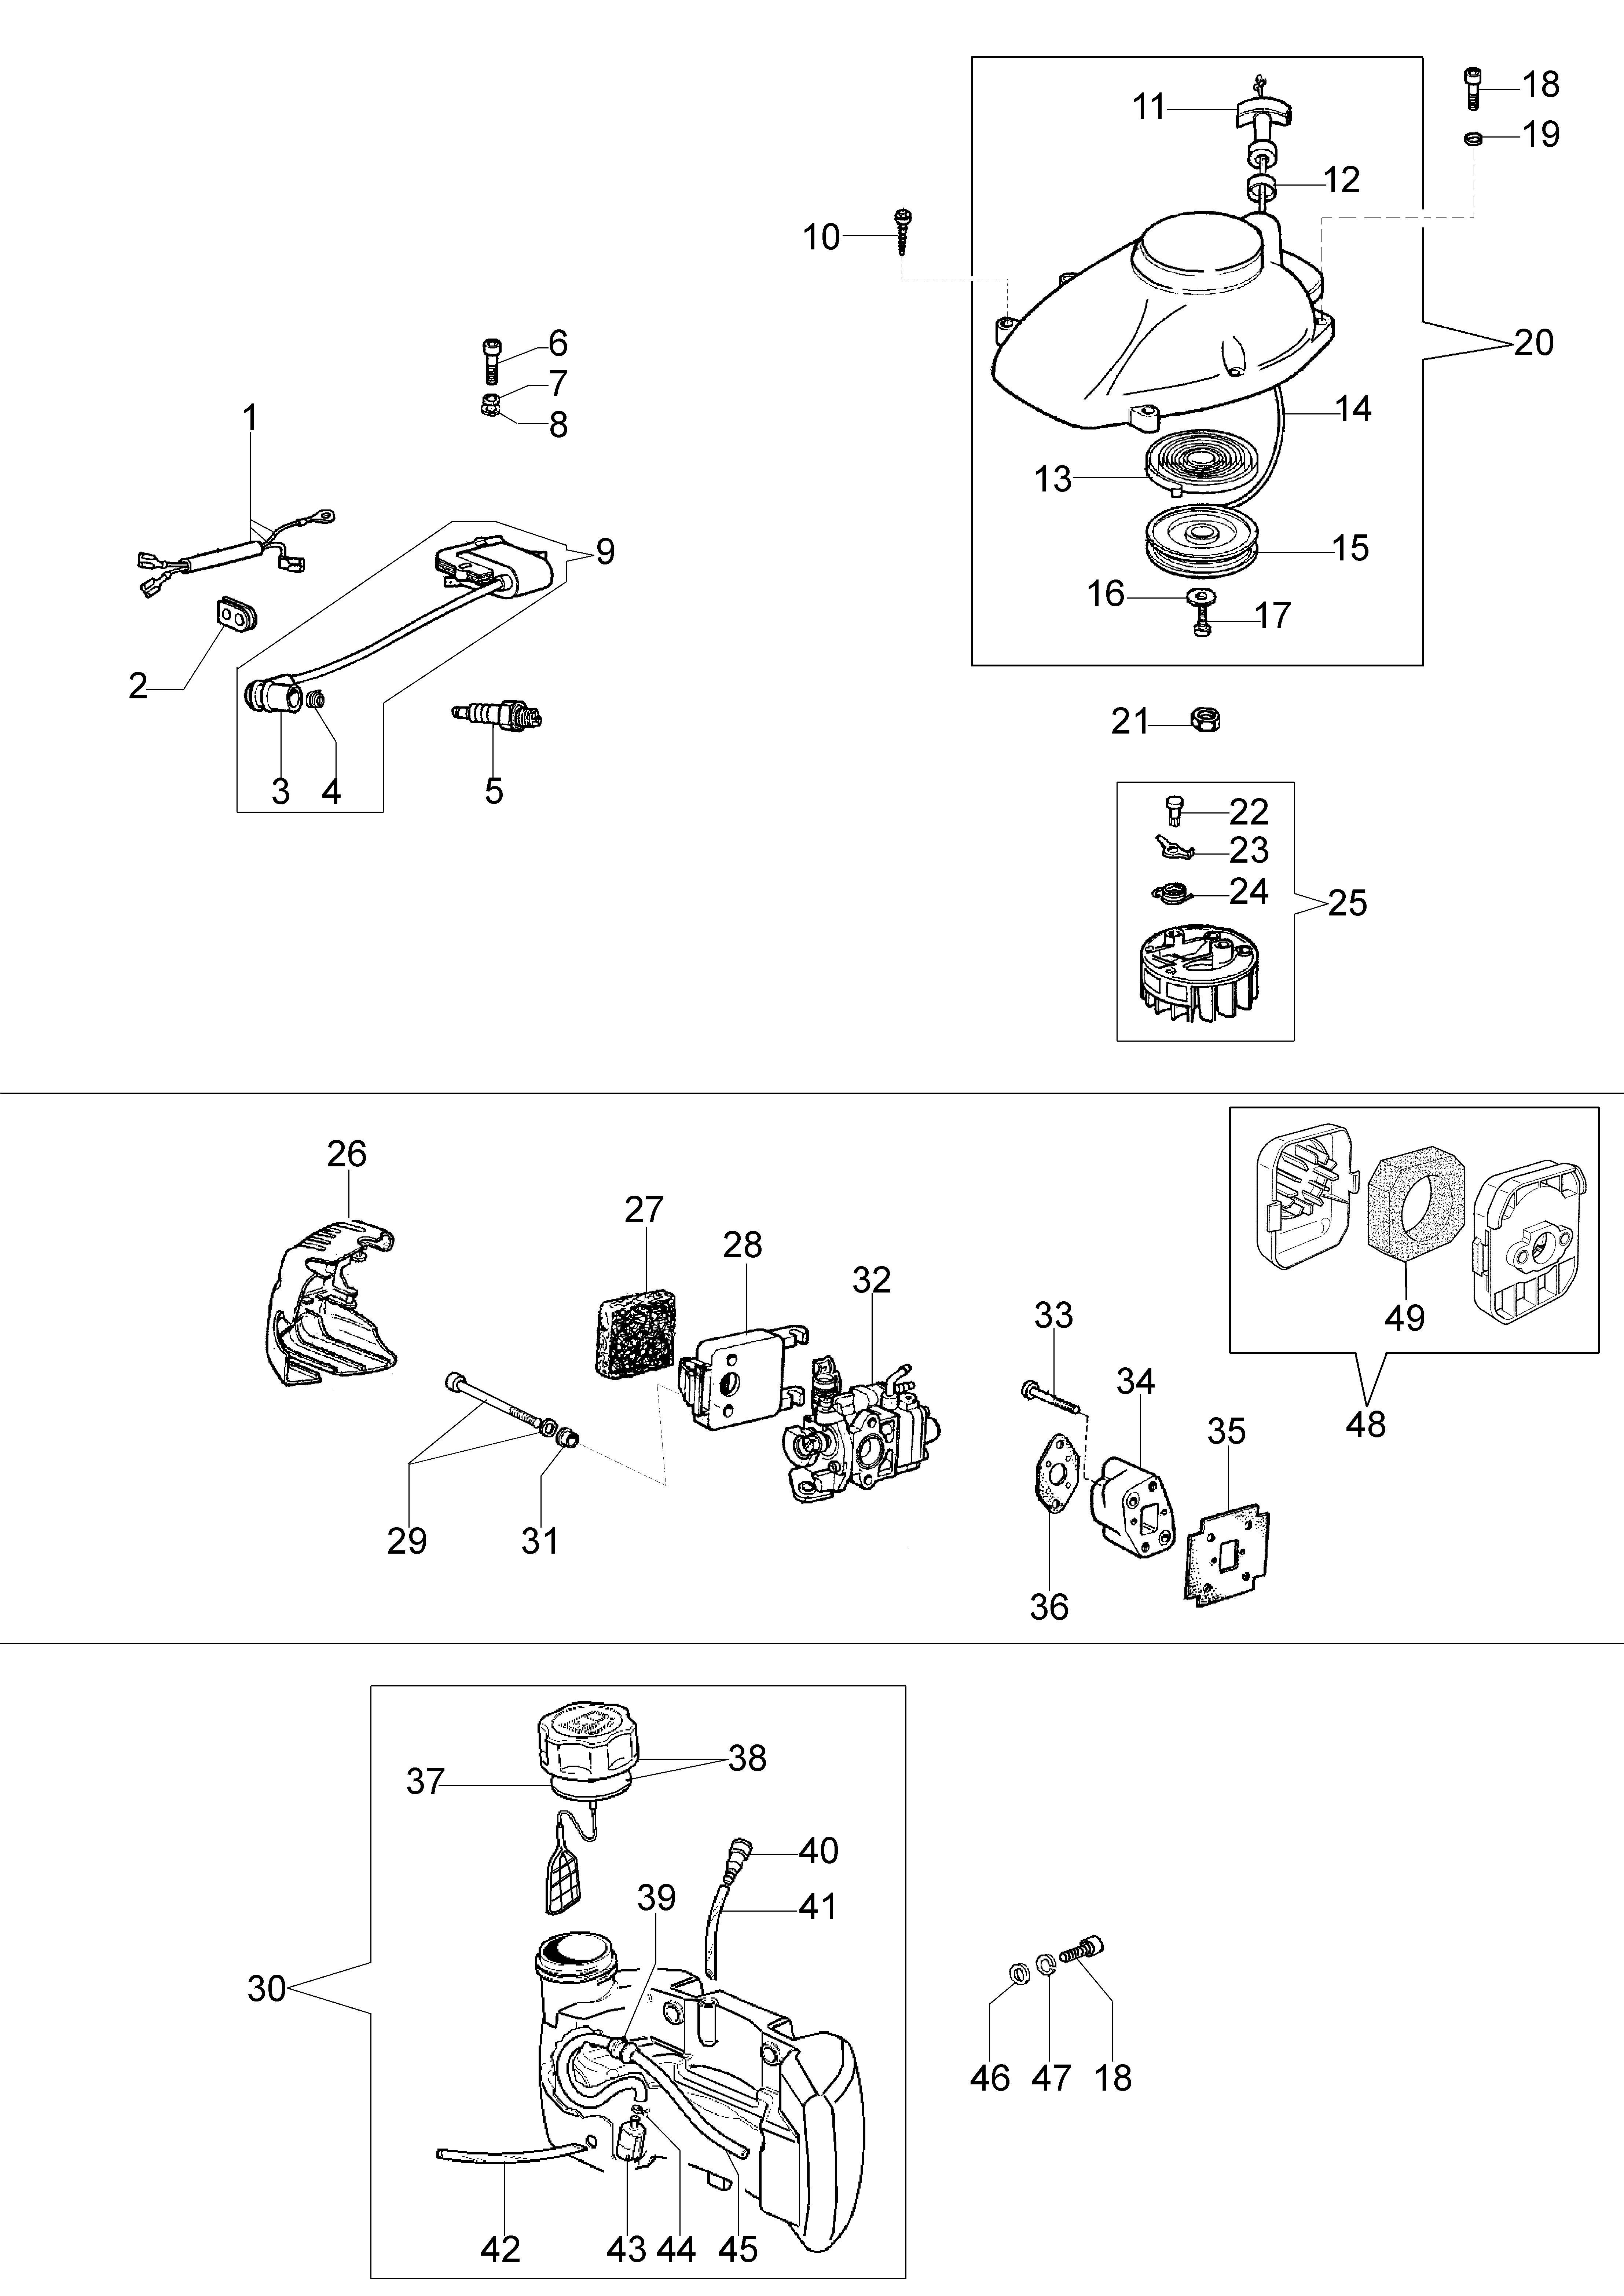 HC 260 XP Taille-haies  OLEOMAC vue éclatée  Dessins pièces -  Dispositif d allumage